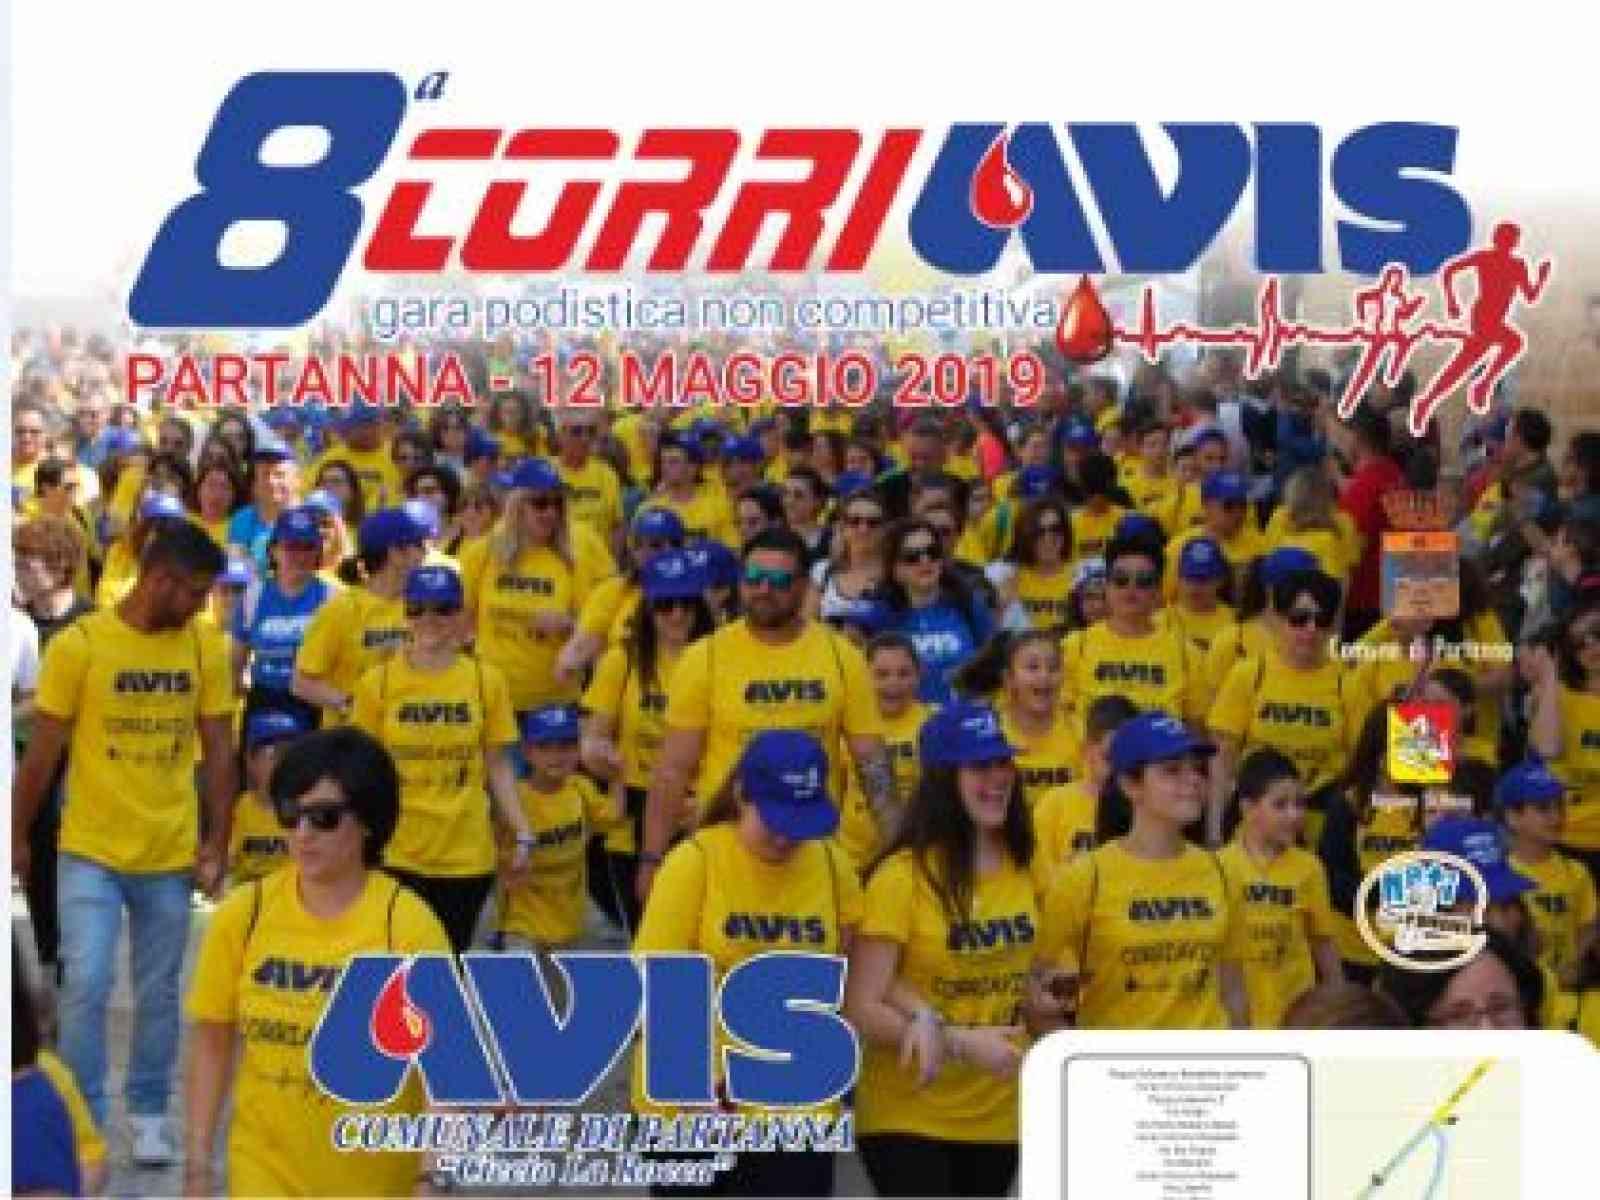 Immagine articolo: Partanna. Domenica 12 maggio, si terrà l'8° CORRIAVIS family run. Partenza in piazza Falcone Borsellino